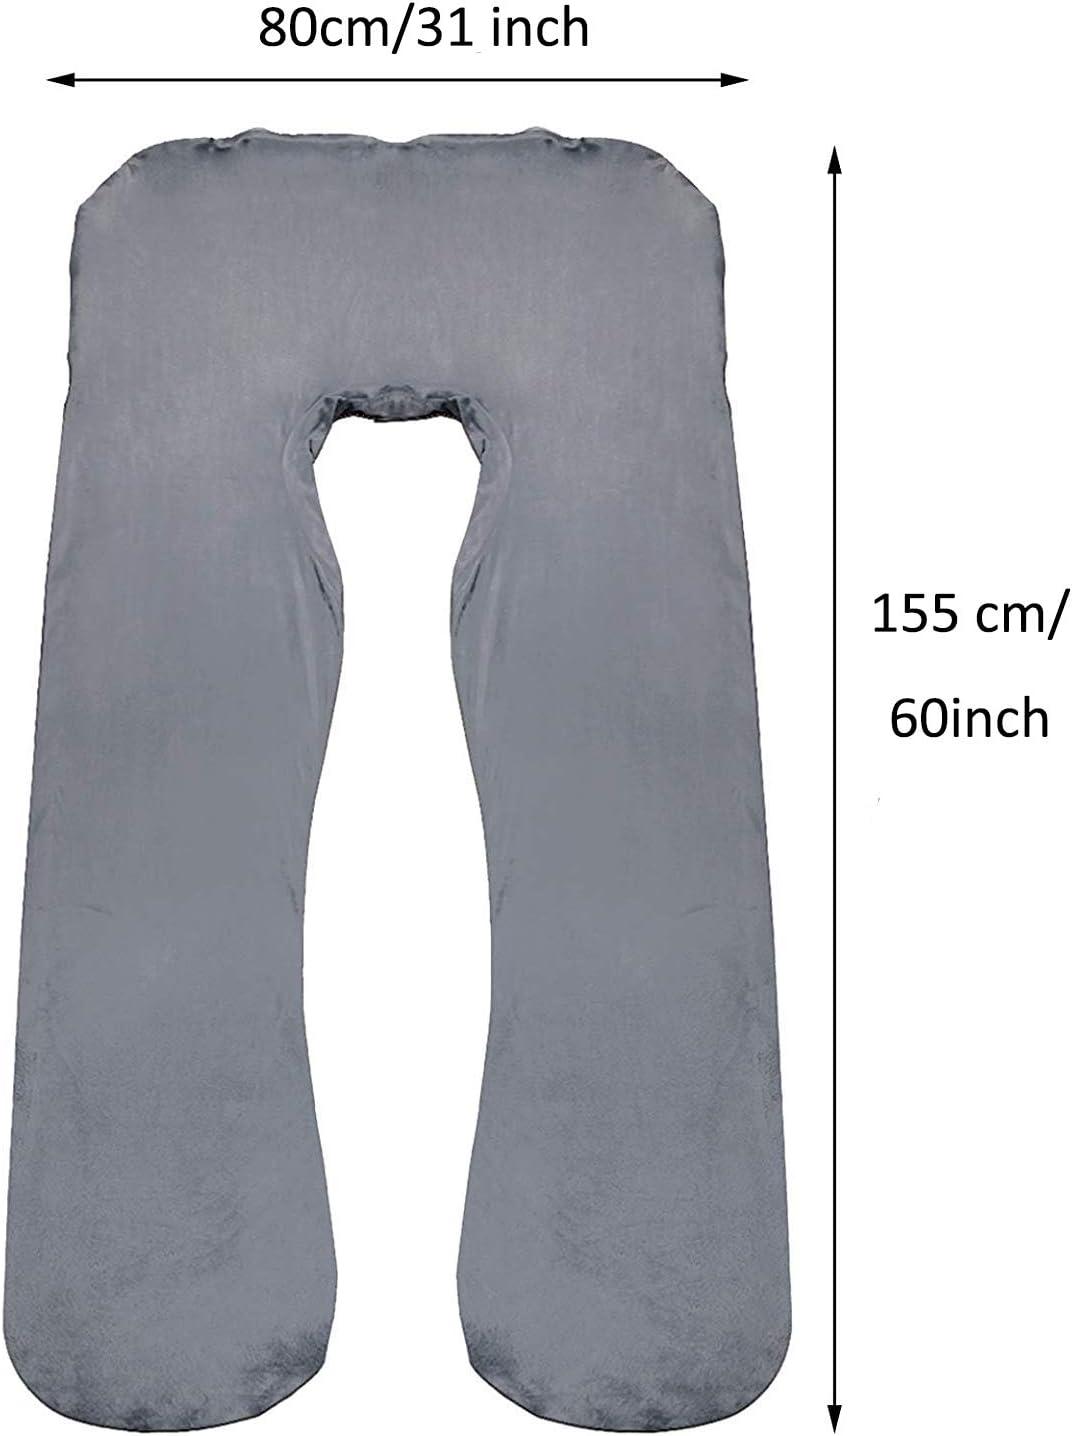 Abnehmbarer Kissenbezug Chosimo Schwangerschaftskissenbezug U-f/örmig f/ür Mutter Schlafkissen blau 142 x 76 cm Kissenbezug f/ür Schwangerschaft 100/% Bio-Baumwolle